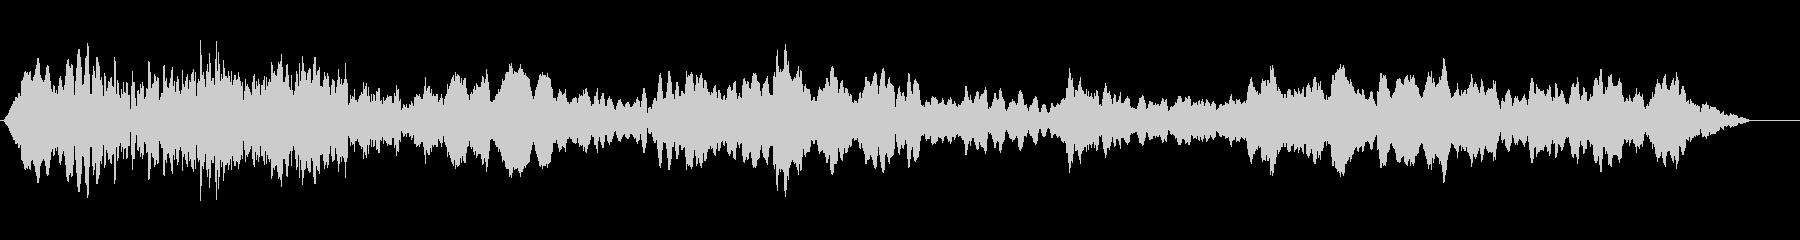 ローエンドハムとベッドゴーストリーハウルの未再生の波形